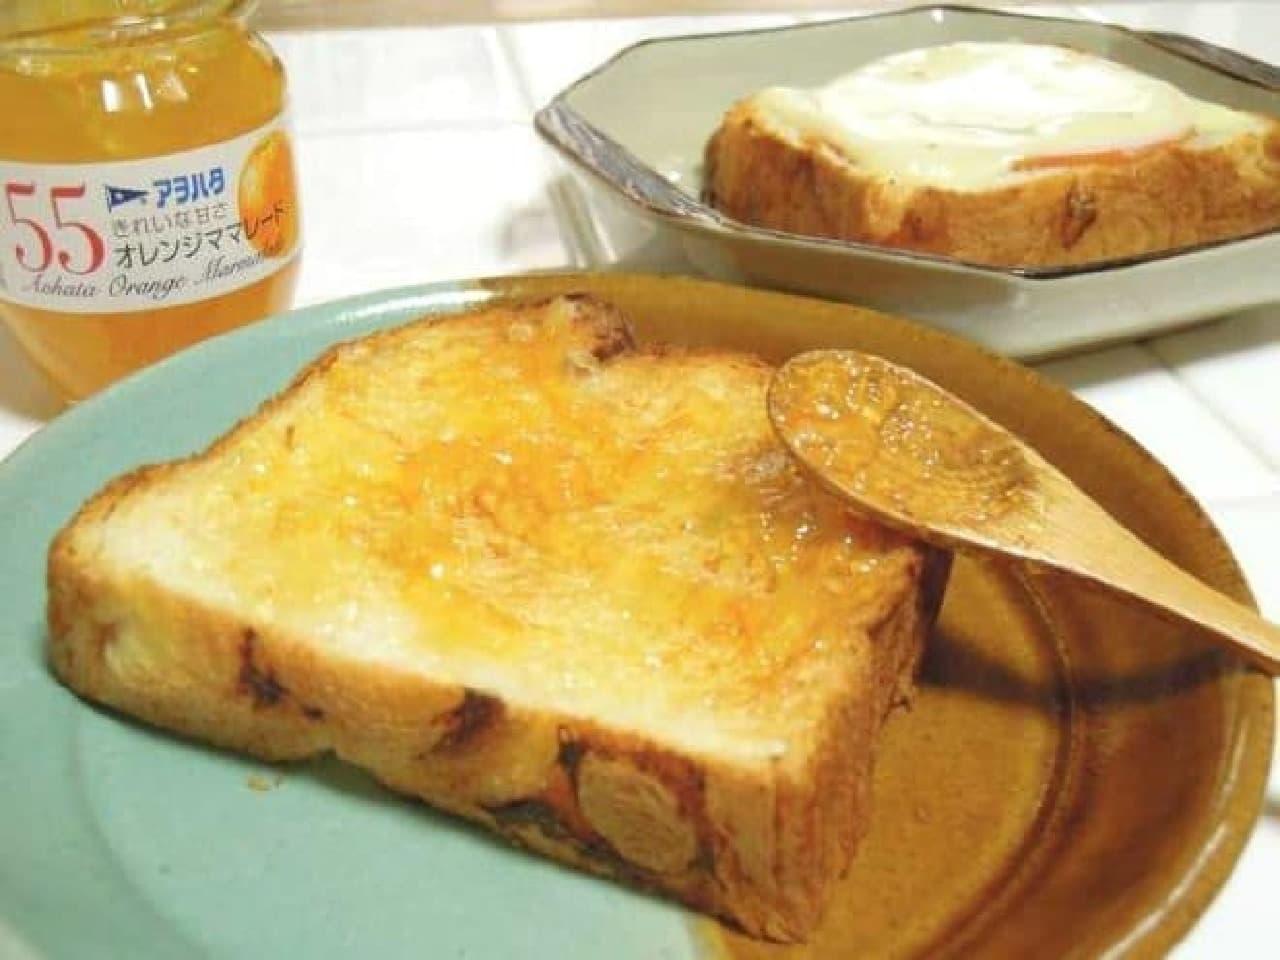 ブリオッシュドーレのクロワッサン食パン